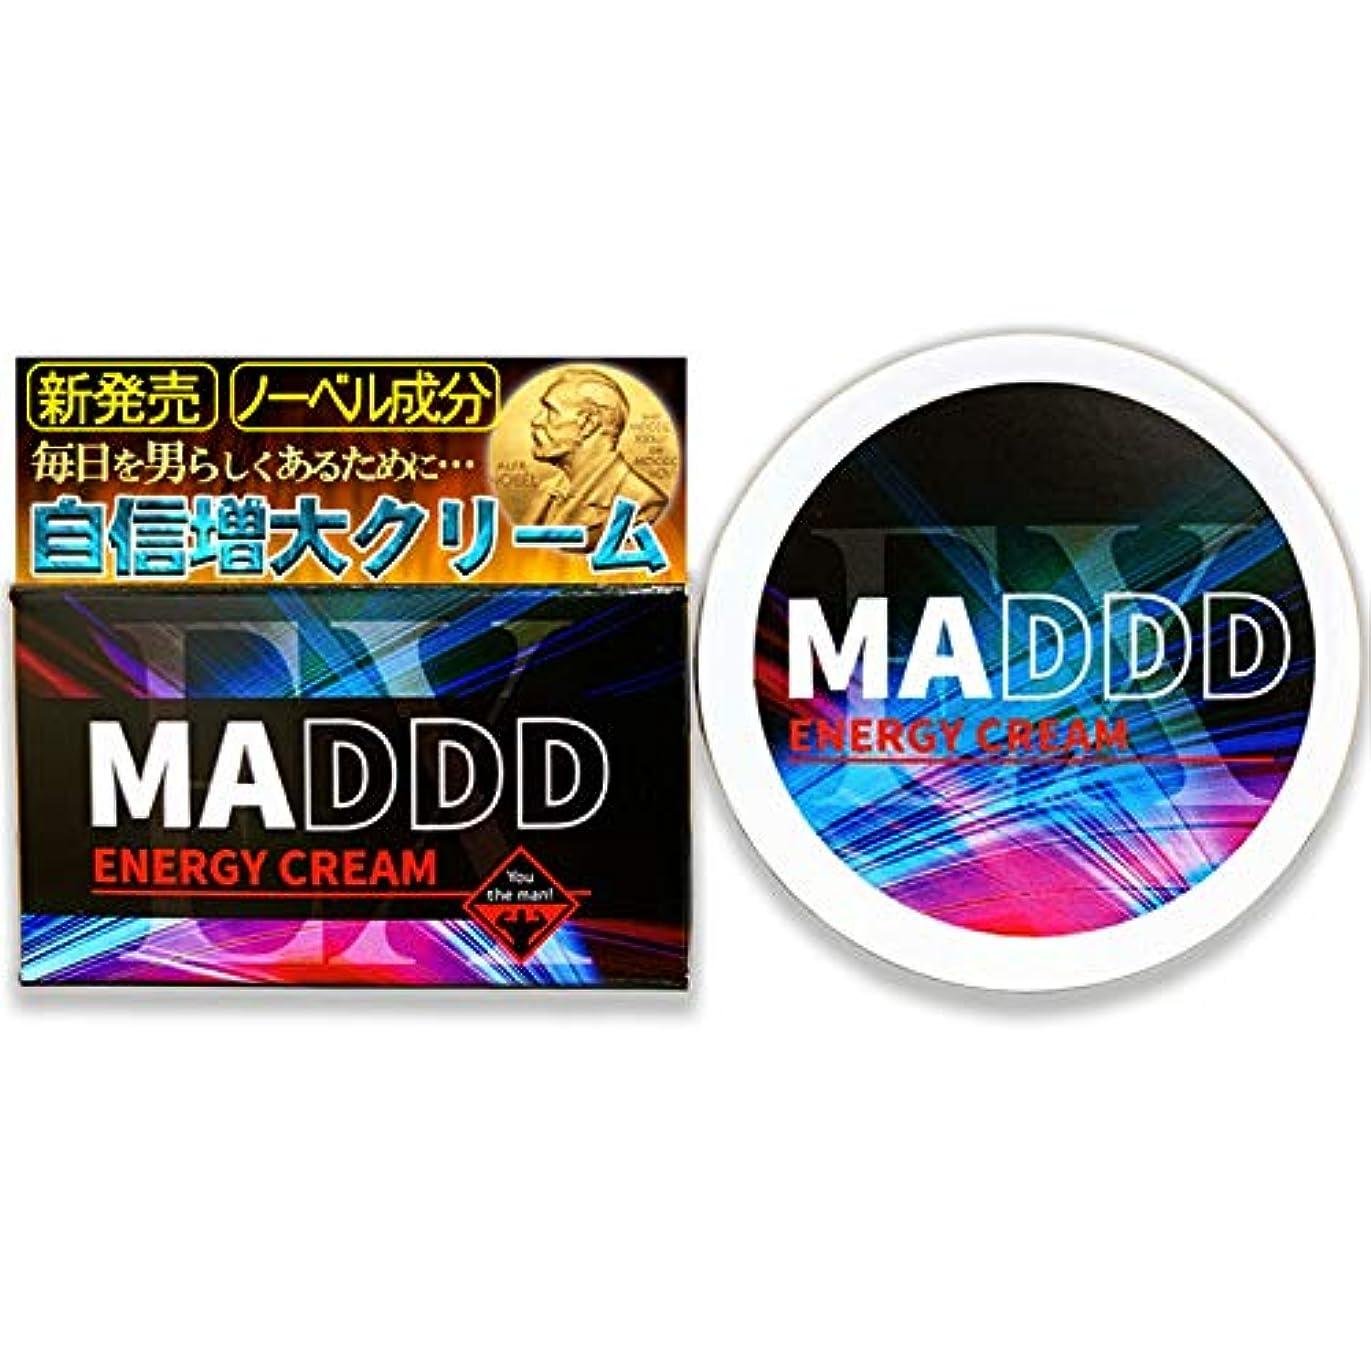 おとなしい結果科学者MADDD EX 増大クリーム 自信 持続力 厳選成分 50g (単品購入)